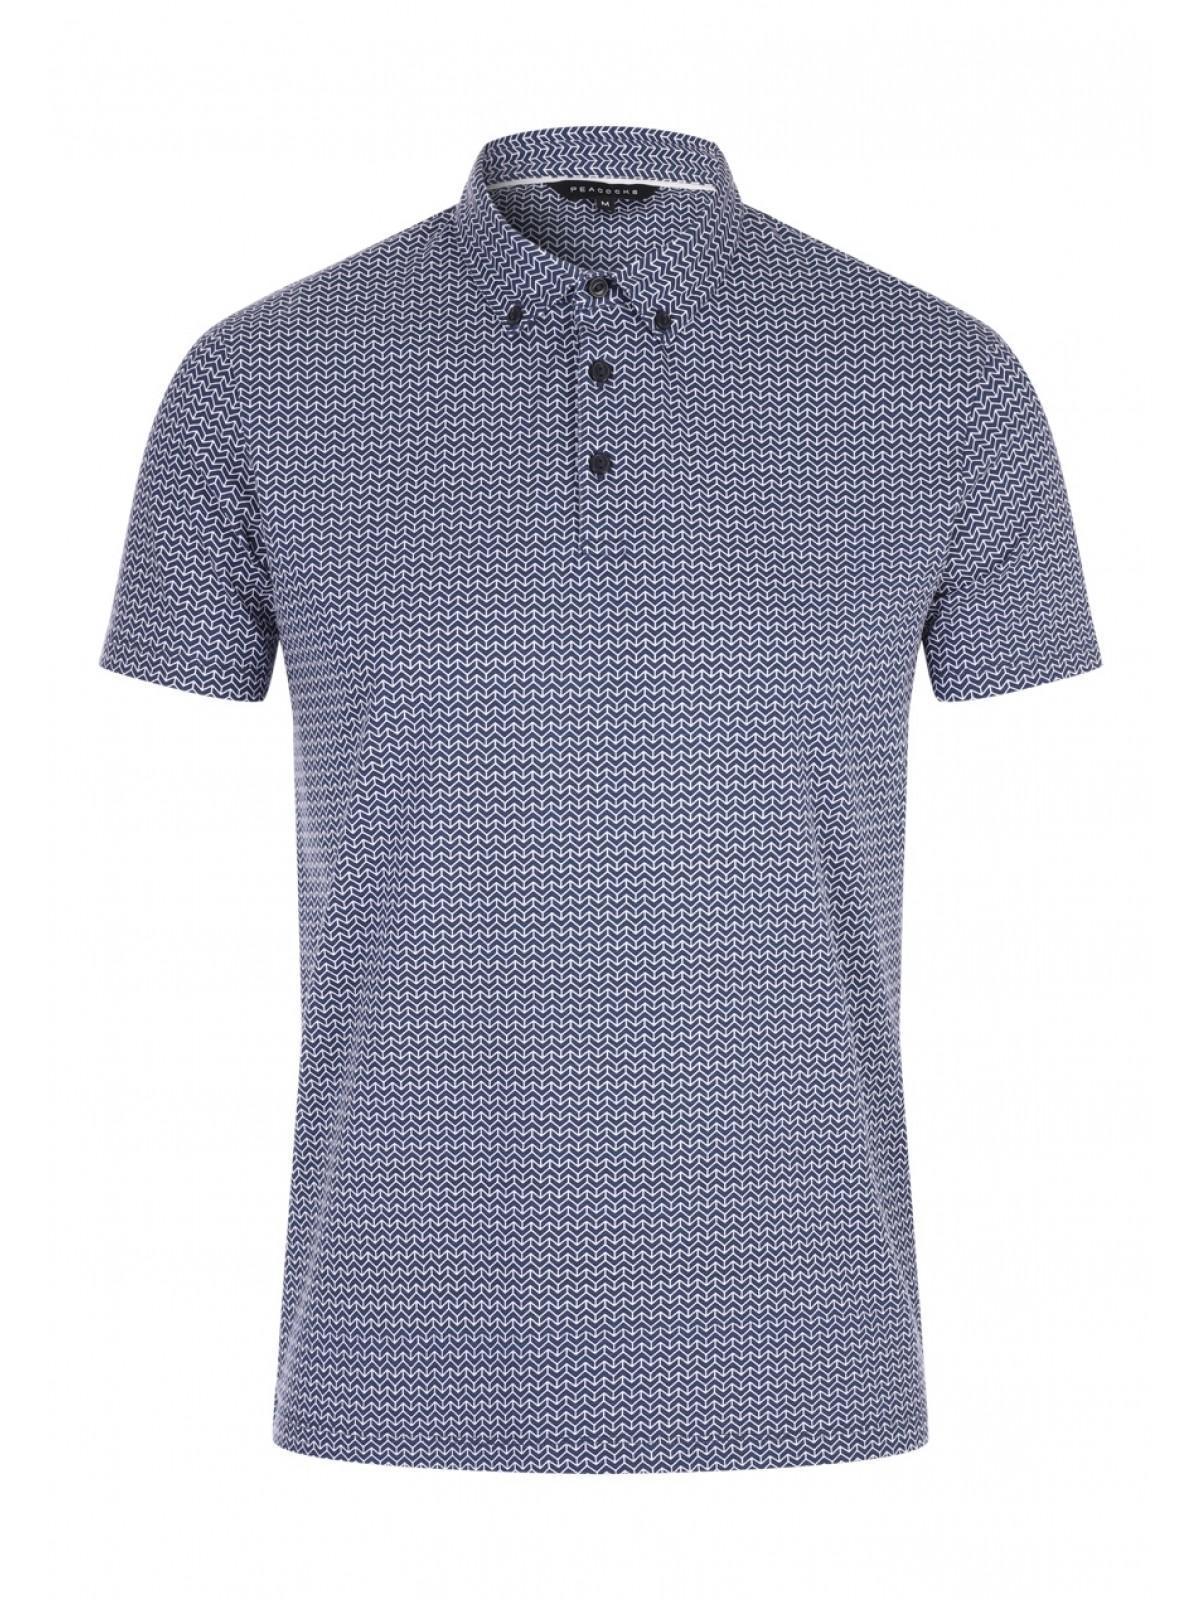 13b2b34f3 Mens Navy Geometric Smart Polo Shirt